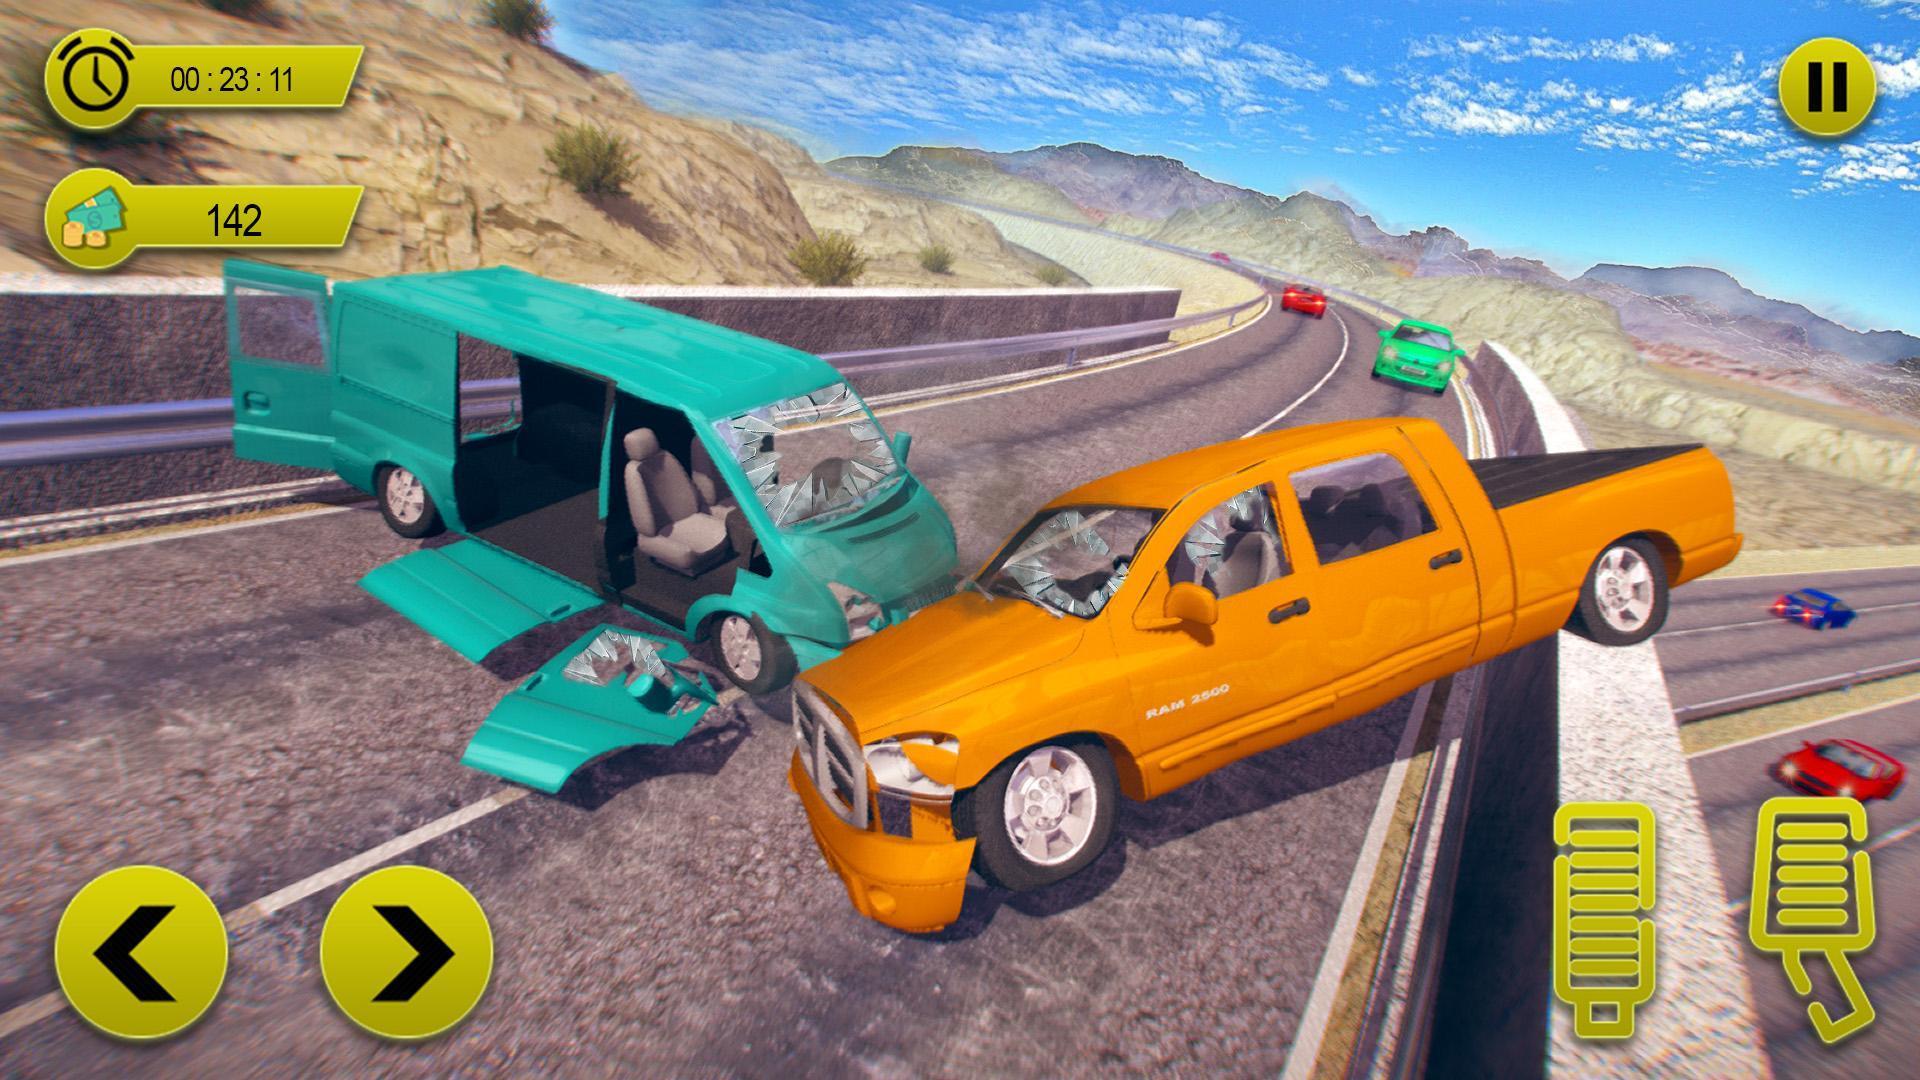 Jeu De Conduite D'accident De Voiture: Sauts De Pour Android encequiconcerne Jeux De Accident De Voiture